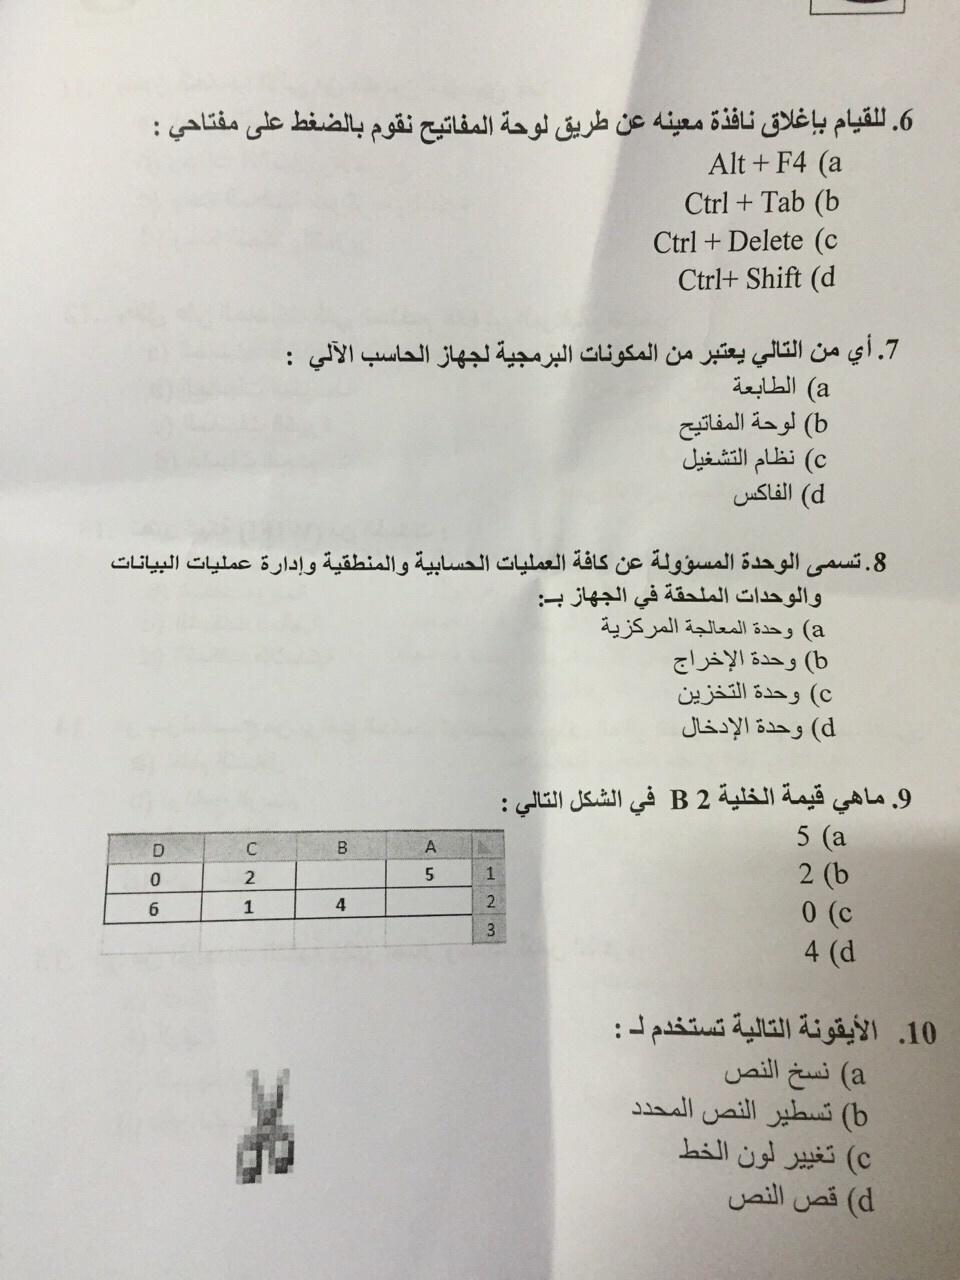 اسئلة اختبار مهارات الحاسب وتطبيقاته الفصل الثاني 1436هـ نموذج (c) IMG-20150531-WA0010.